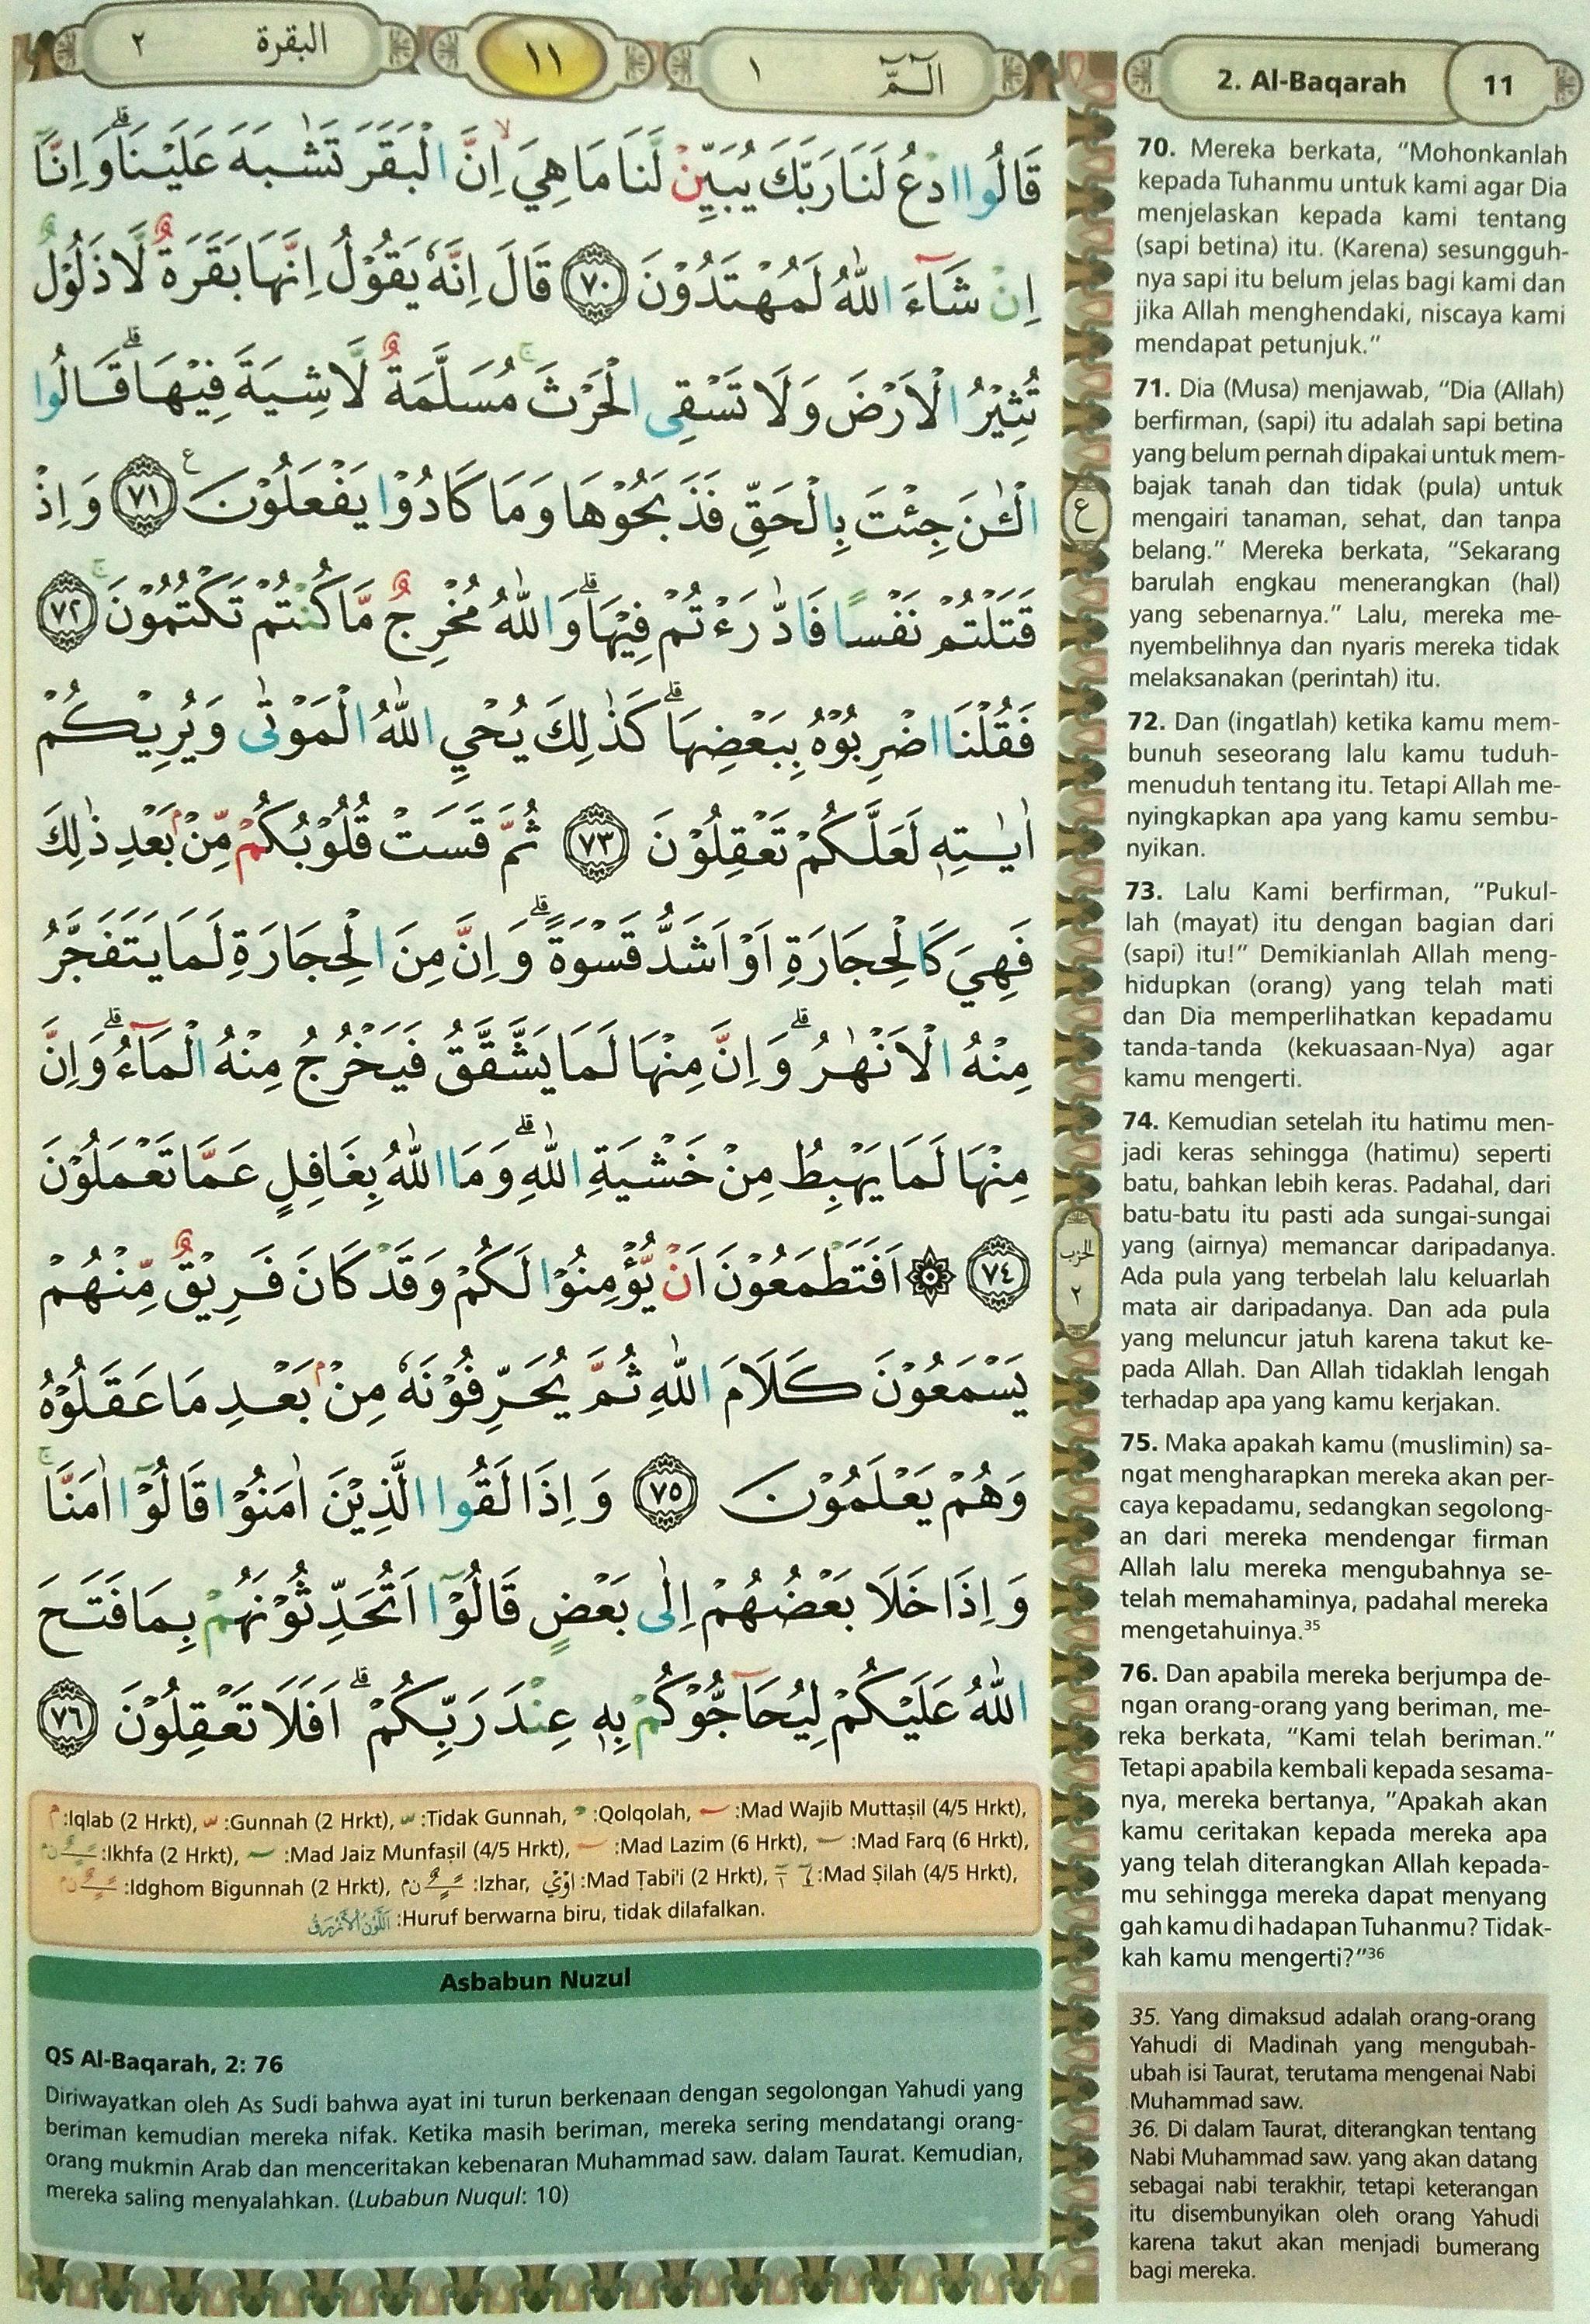 Al Baqarah 70-76